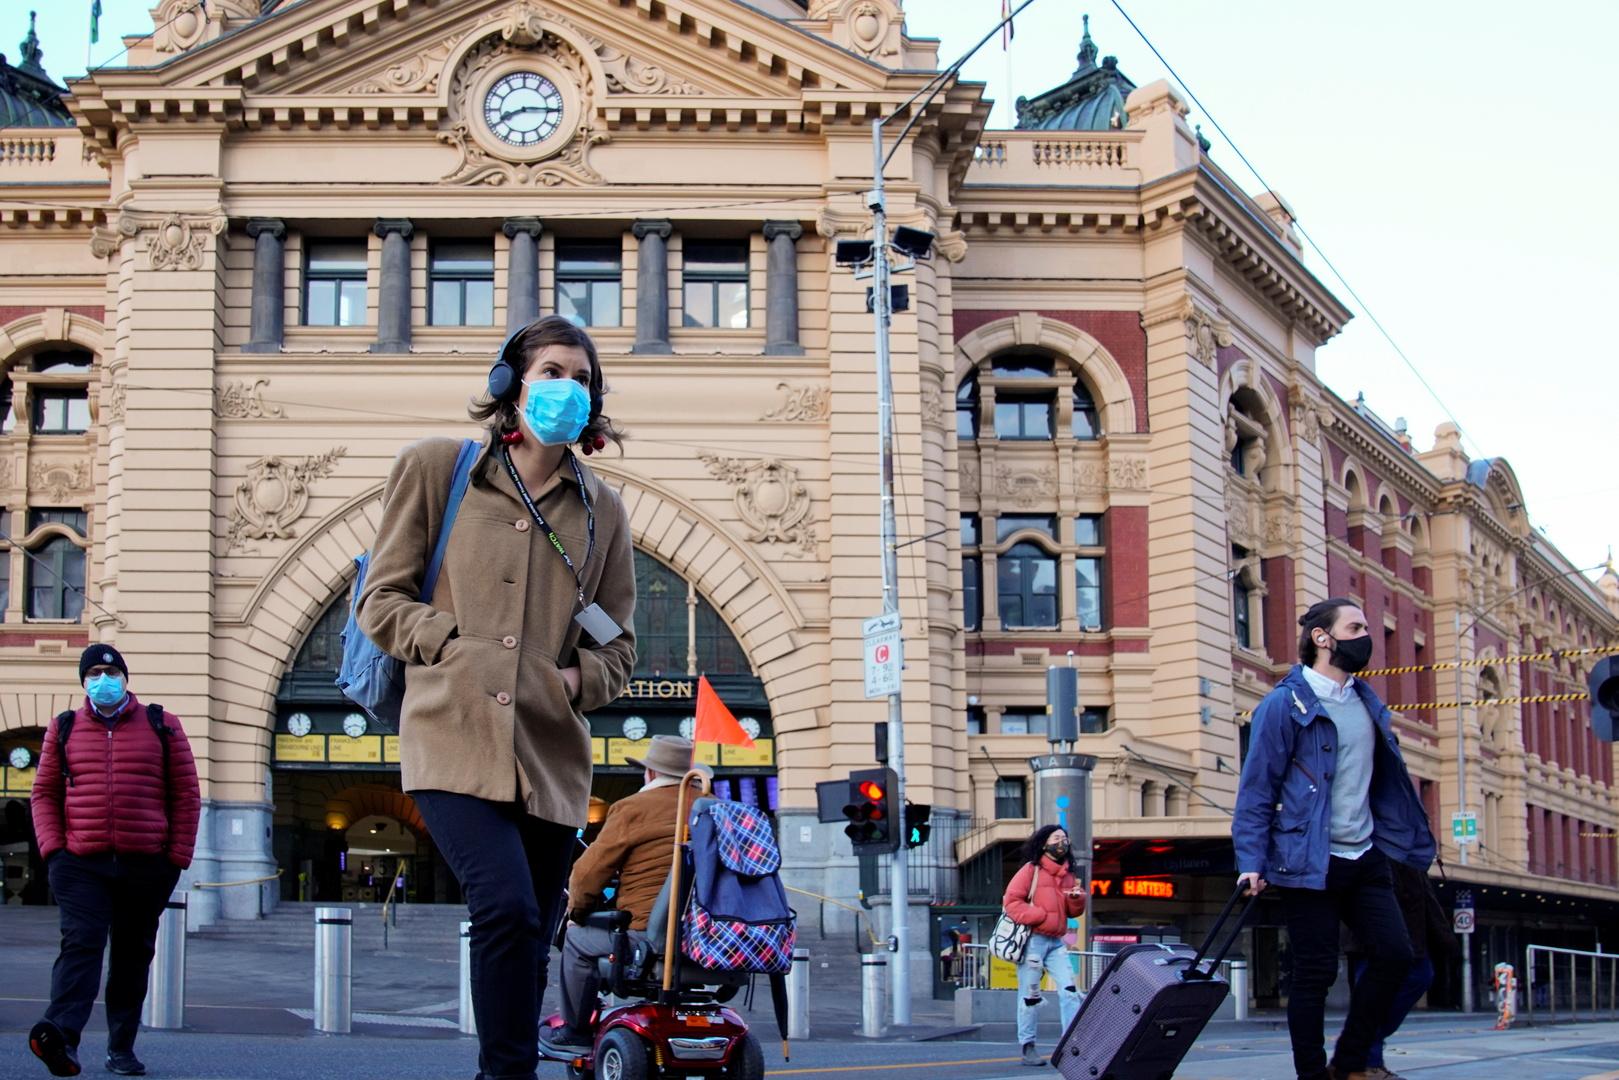 ولاية فيكتوريا الأسترالية تسجل أكبر ارتفاع يومي بحصيلة إصابات كورونا خلال أسبوع